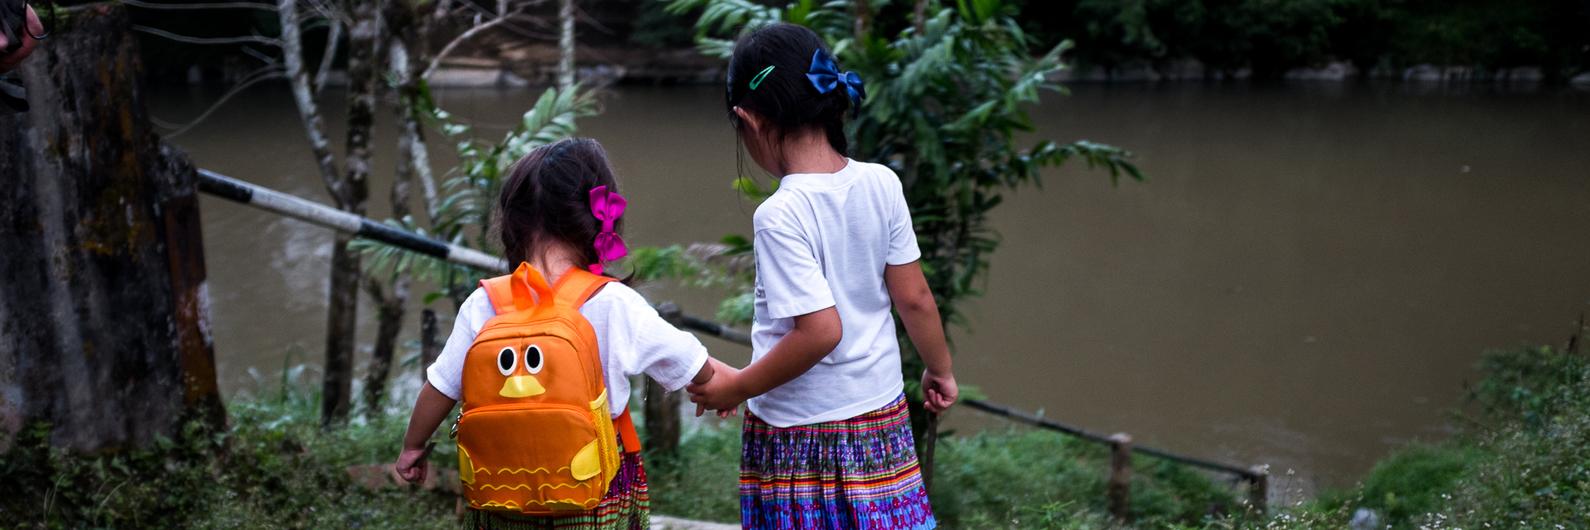 Bornéu: Uma viagem e uma (primeira) melhor amiga